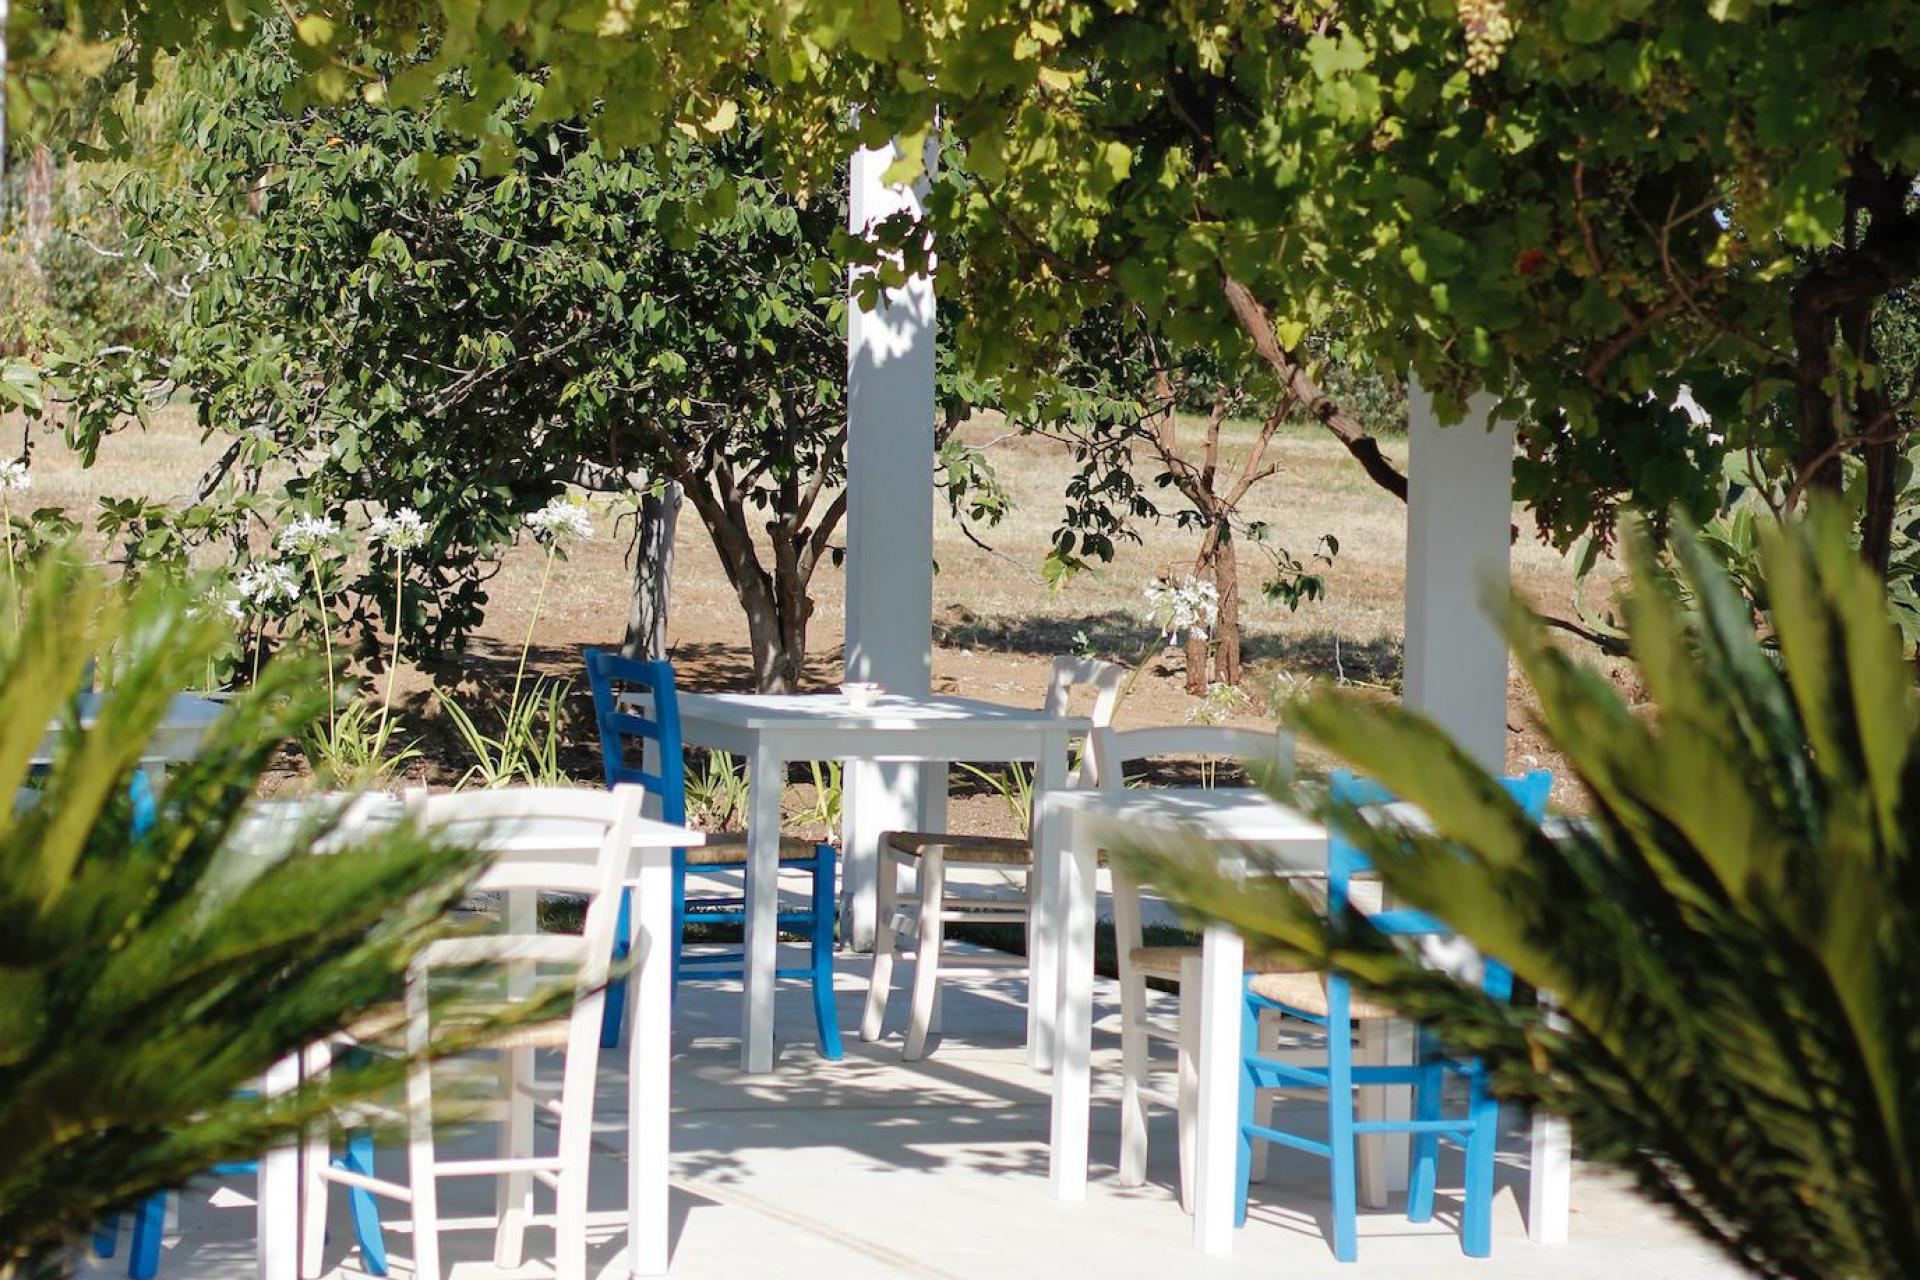 Agriturismo Calabrie Prachtige B&B in Calabrie niet ver van het strand